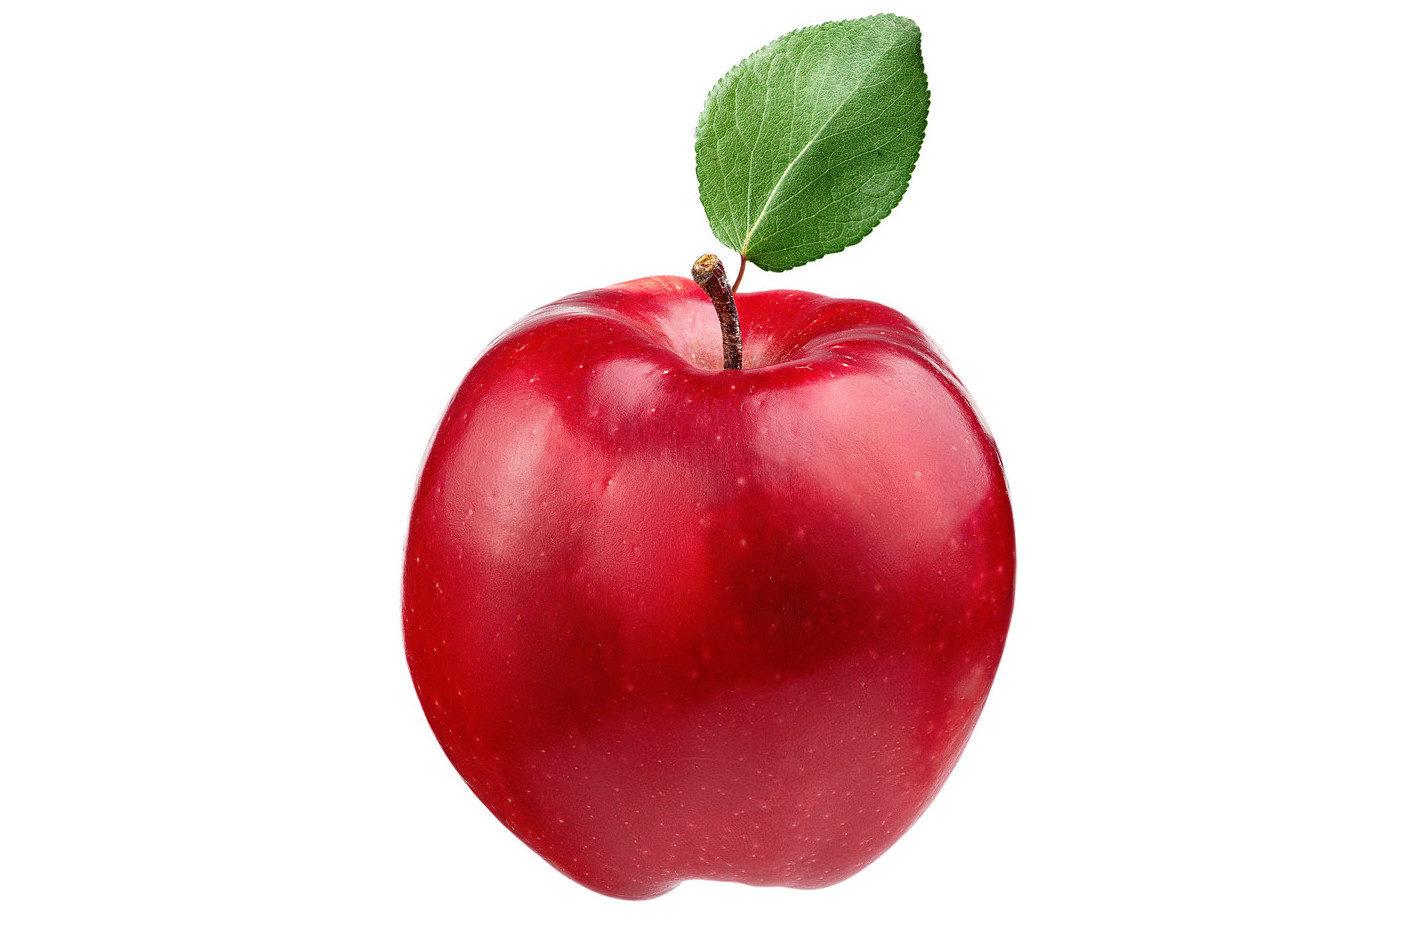 9個「了解後突然覺得胃很脹」的食物暗黑真相 蘋果「亮亮那層」是蟲子的便便